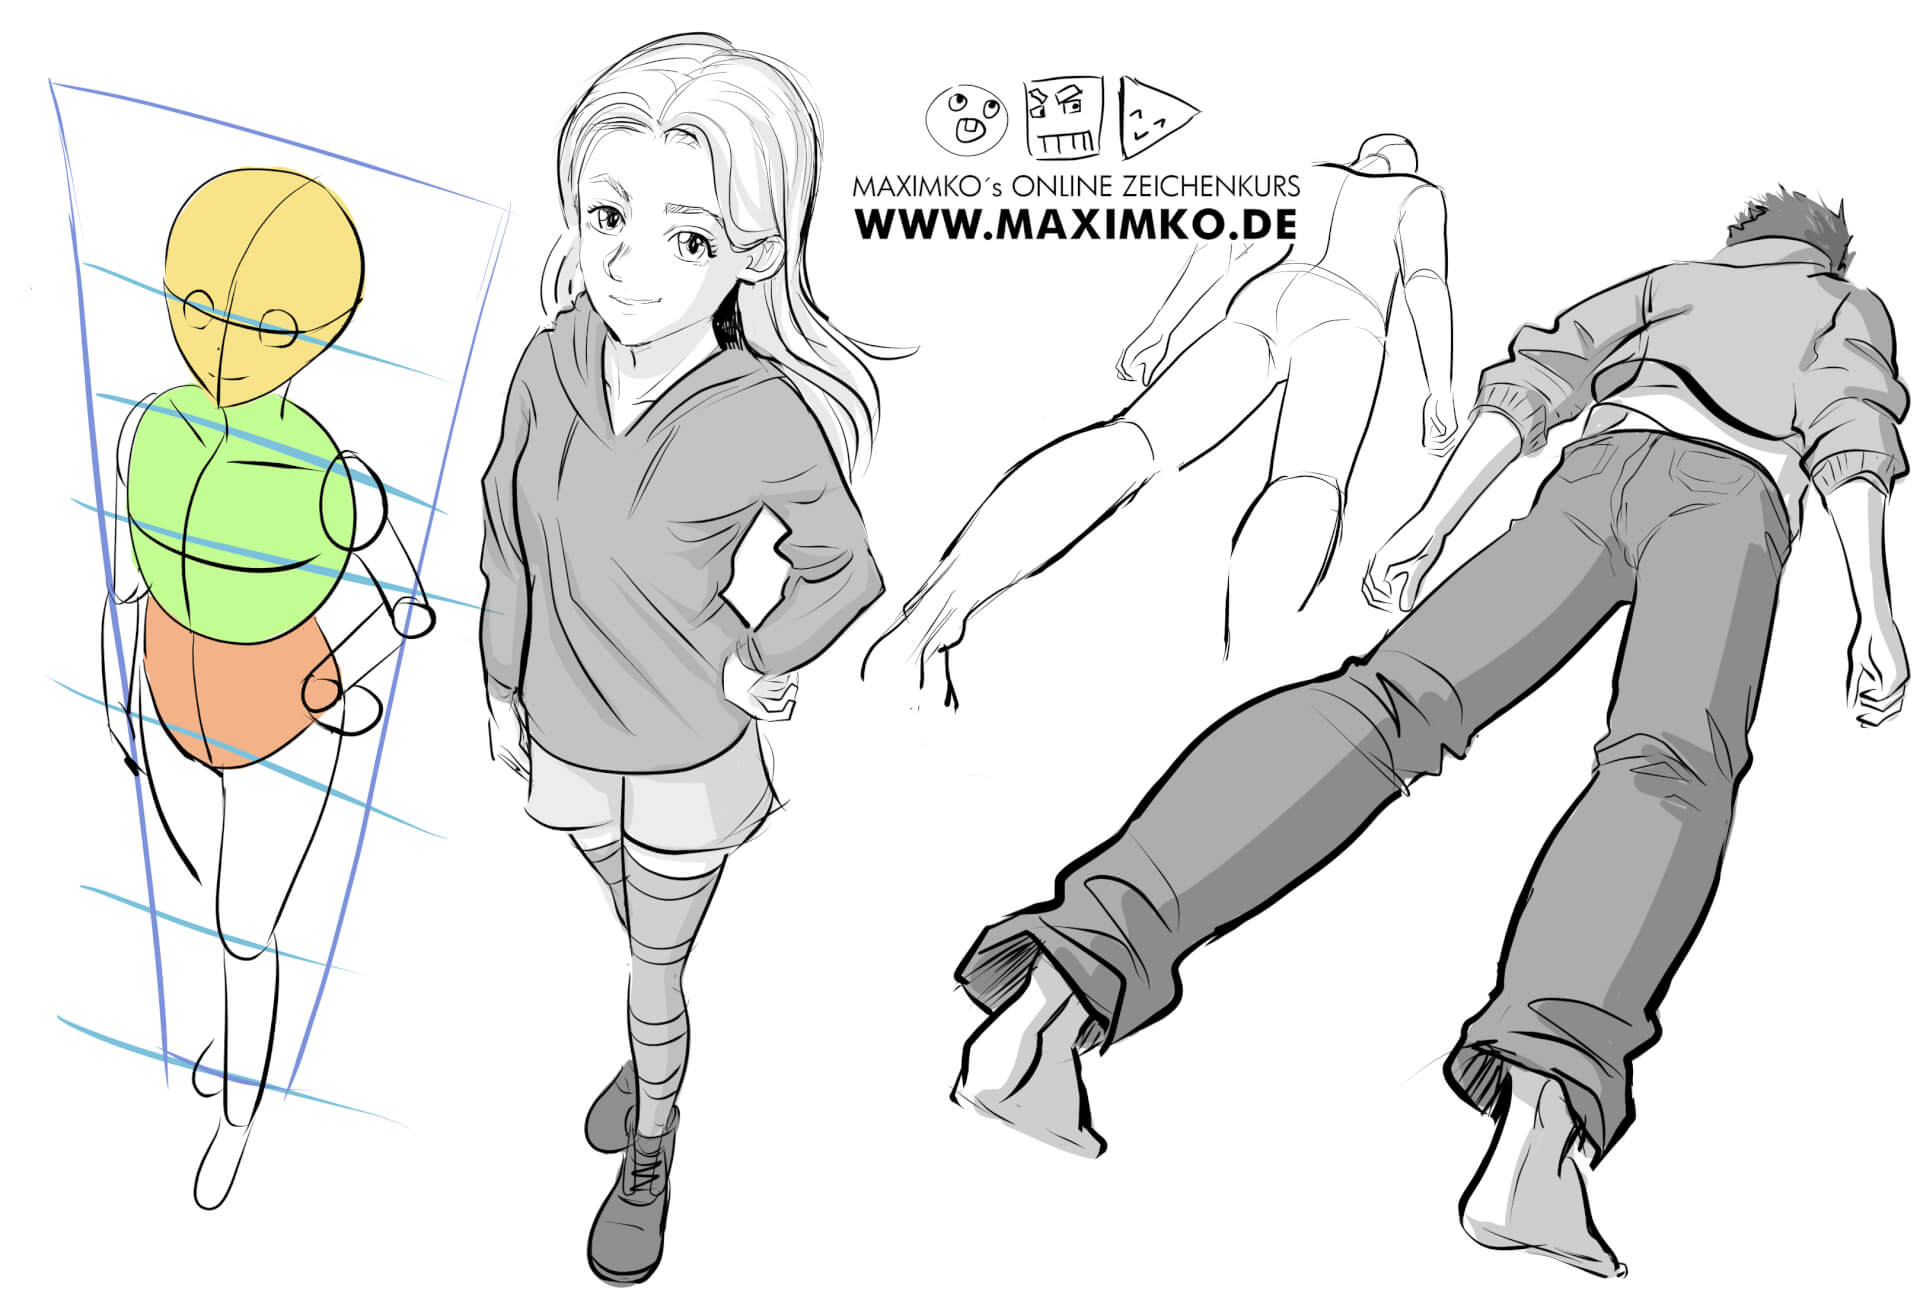 gesicht zeichnen lernen maxim simoneko manga comic concept art schattierung schatten kernschatten schlagschatten kurs lichtpunkt